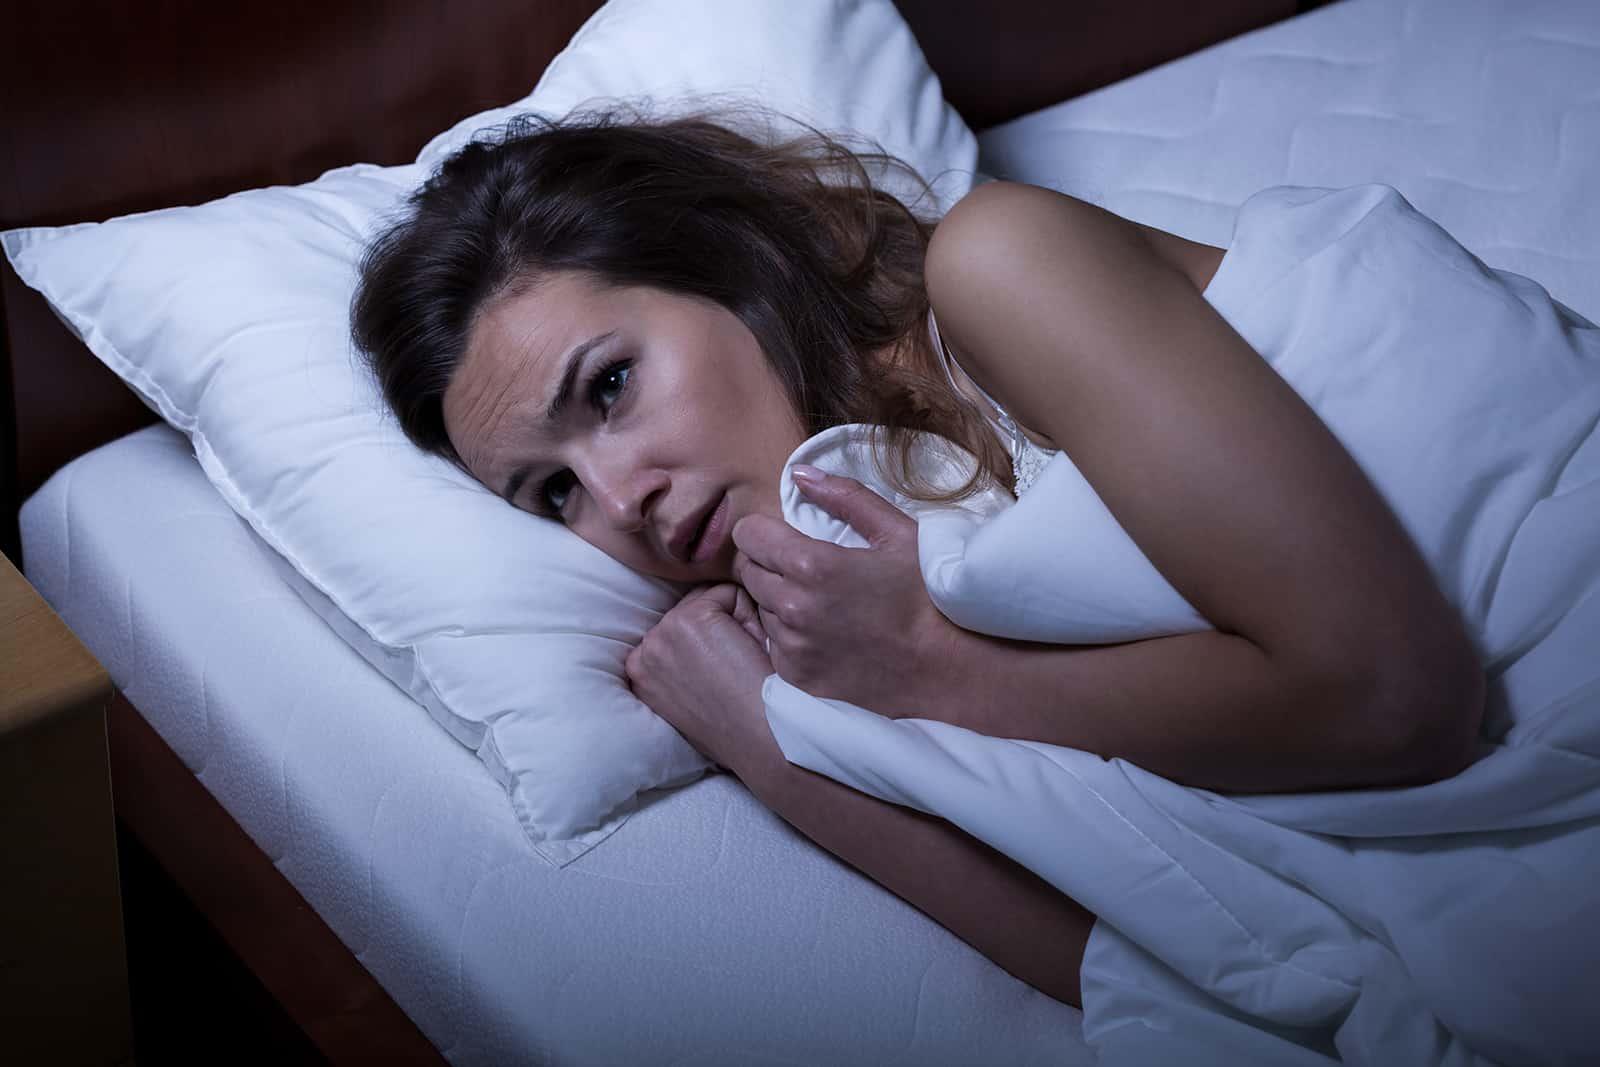 ängstliche Frau, die versucht zu schlafen und das Laken festhält